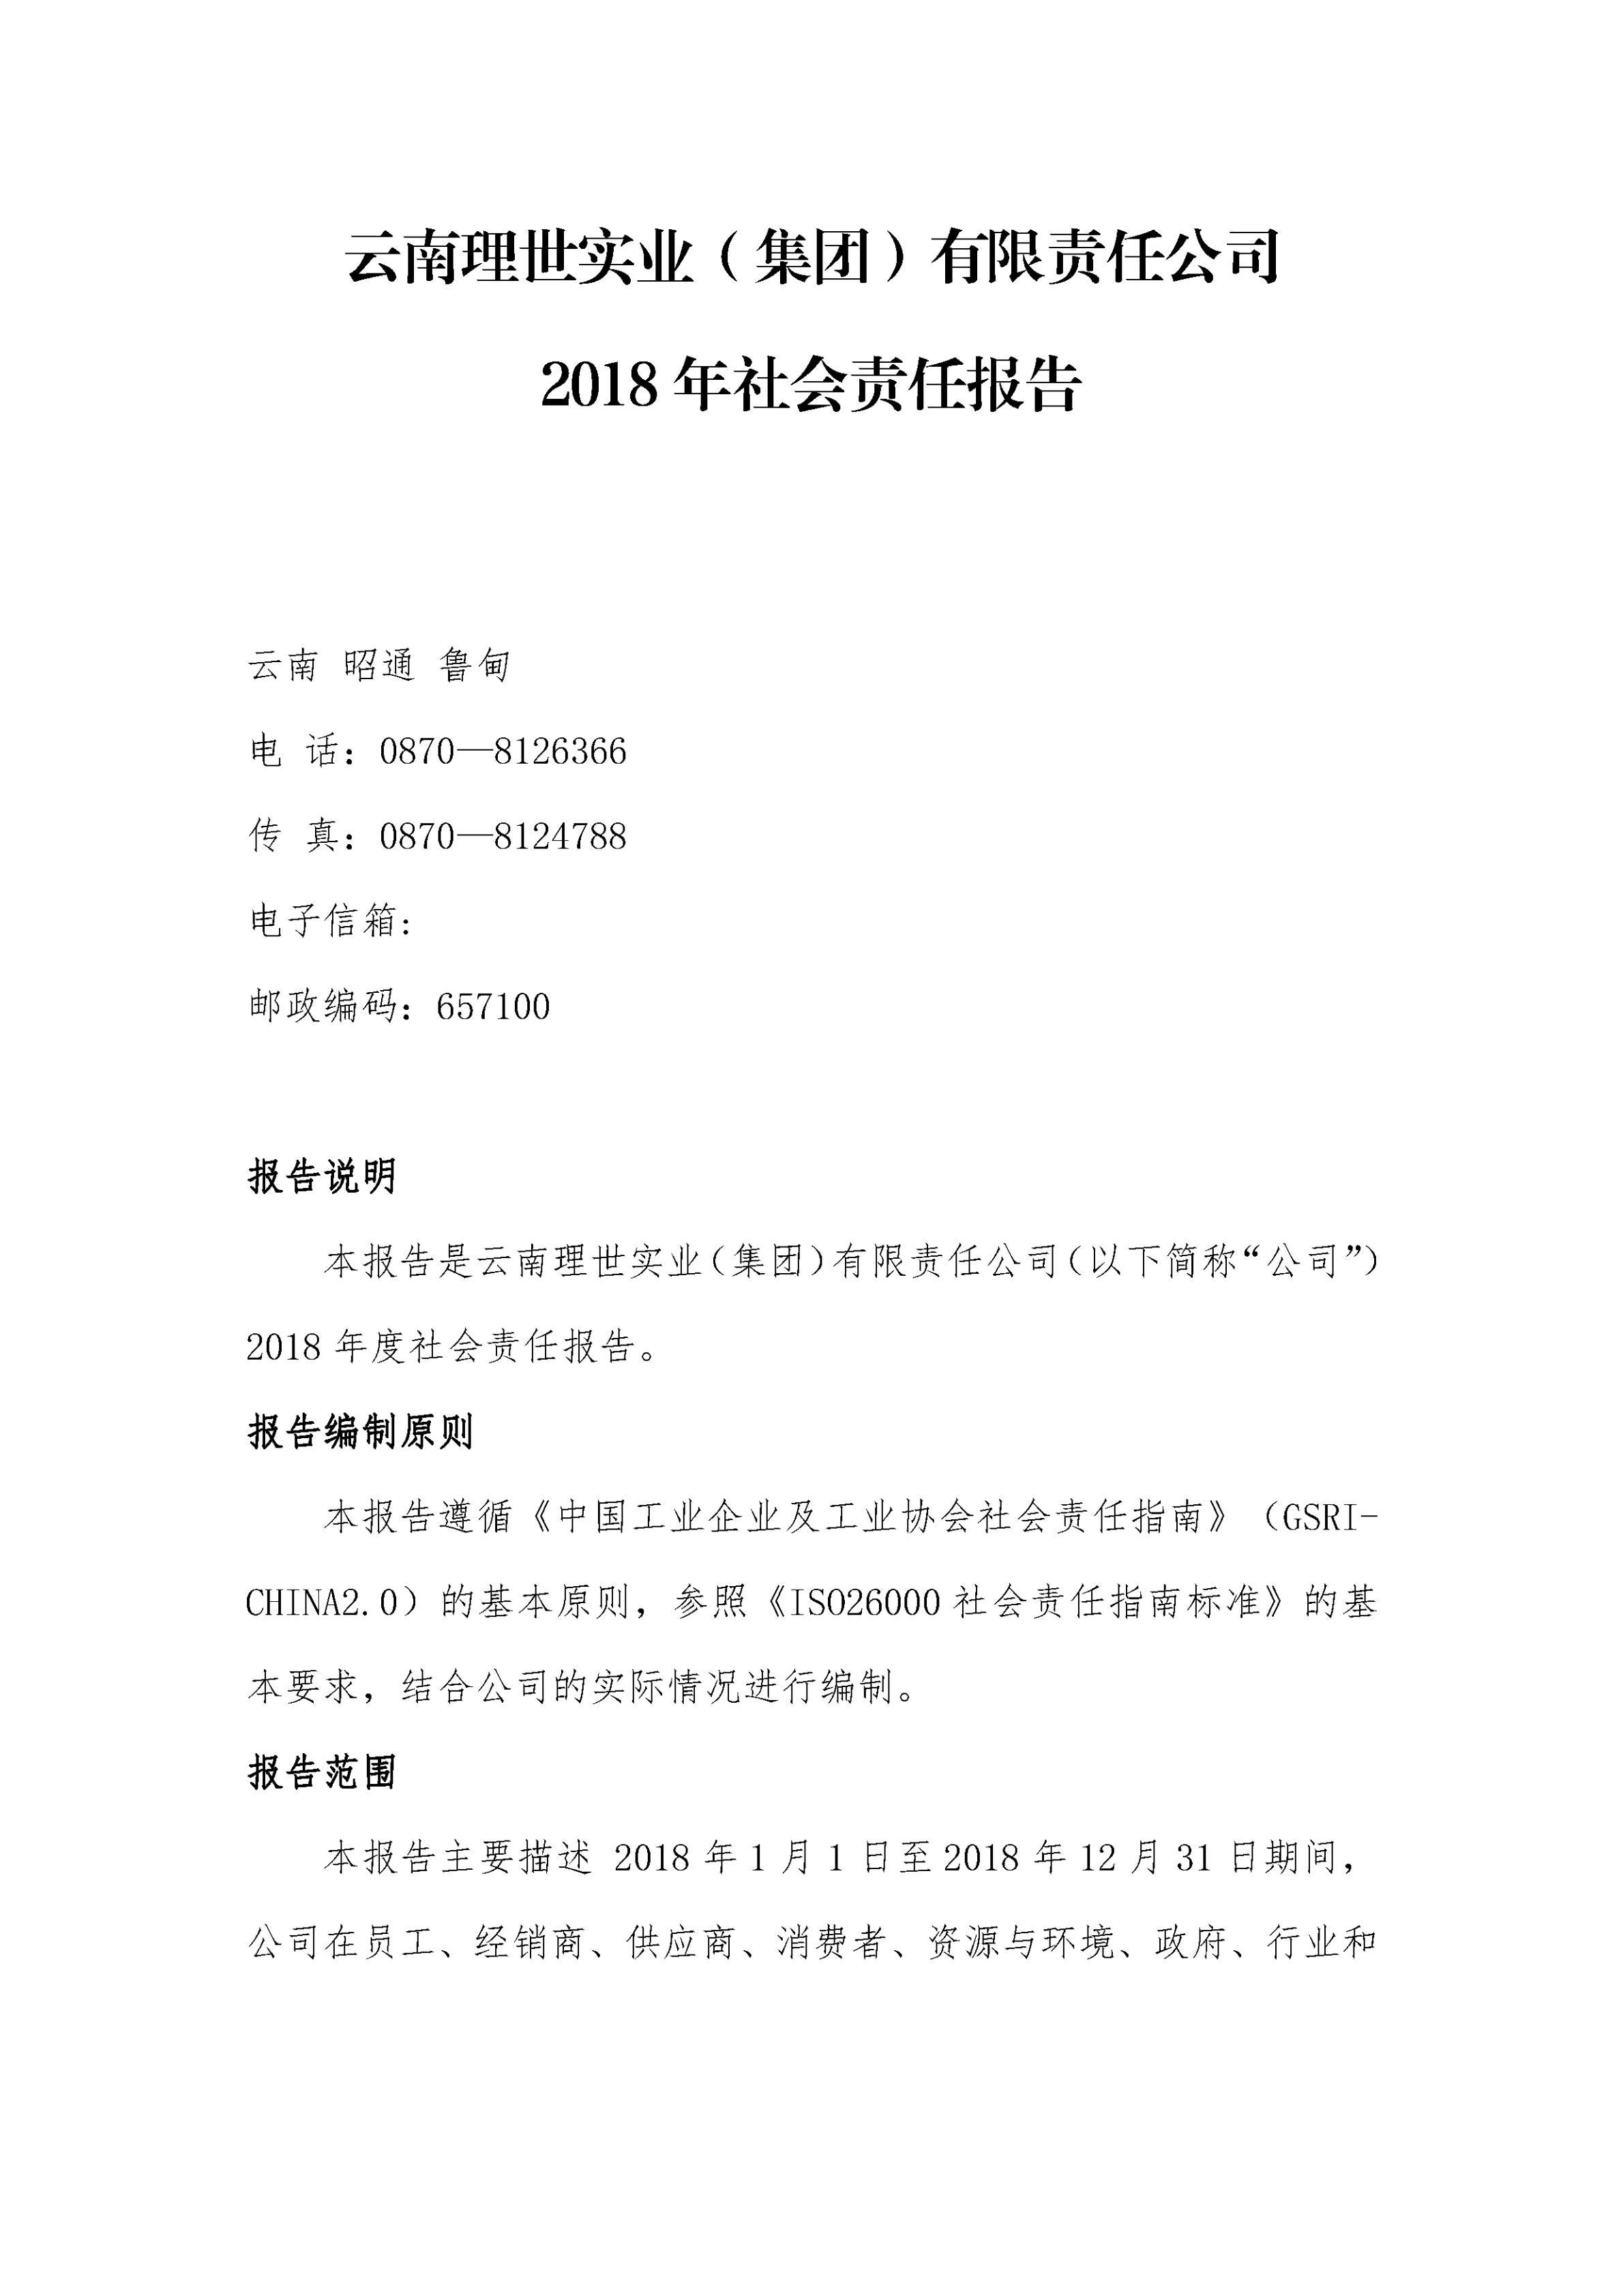 云南理世實業(集團)有限責任公司2018年社會責任報告.FR11_00.jpg